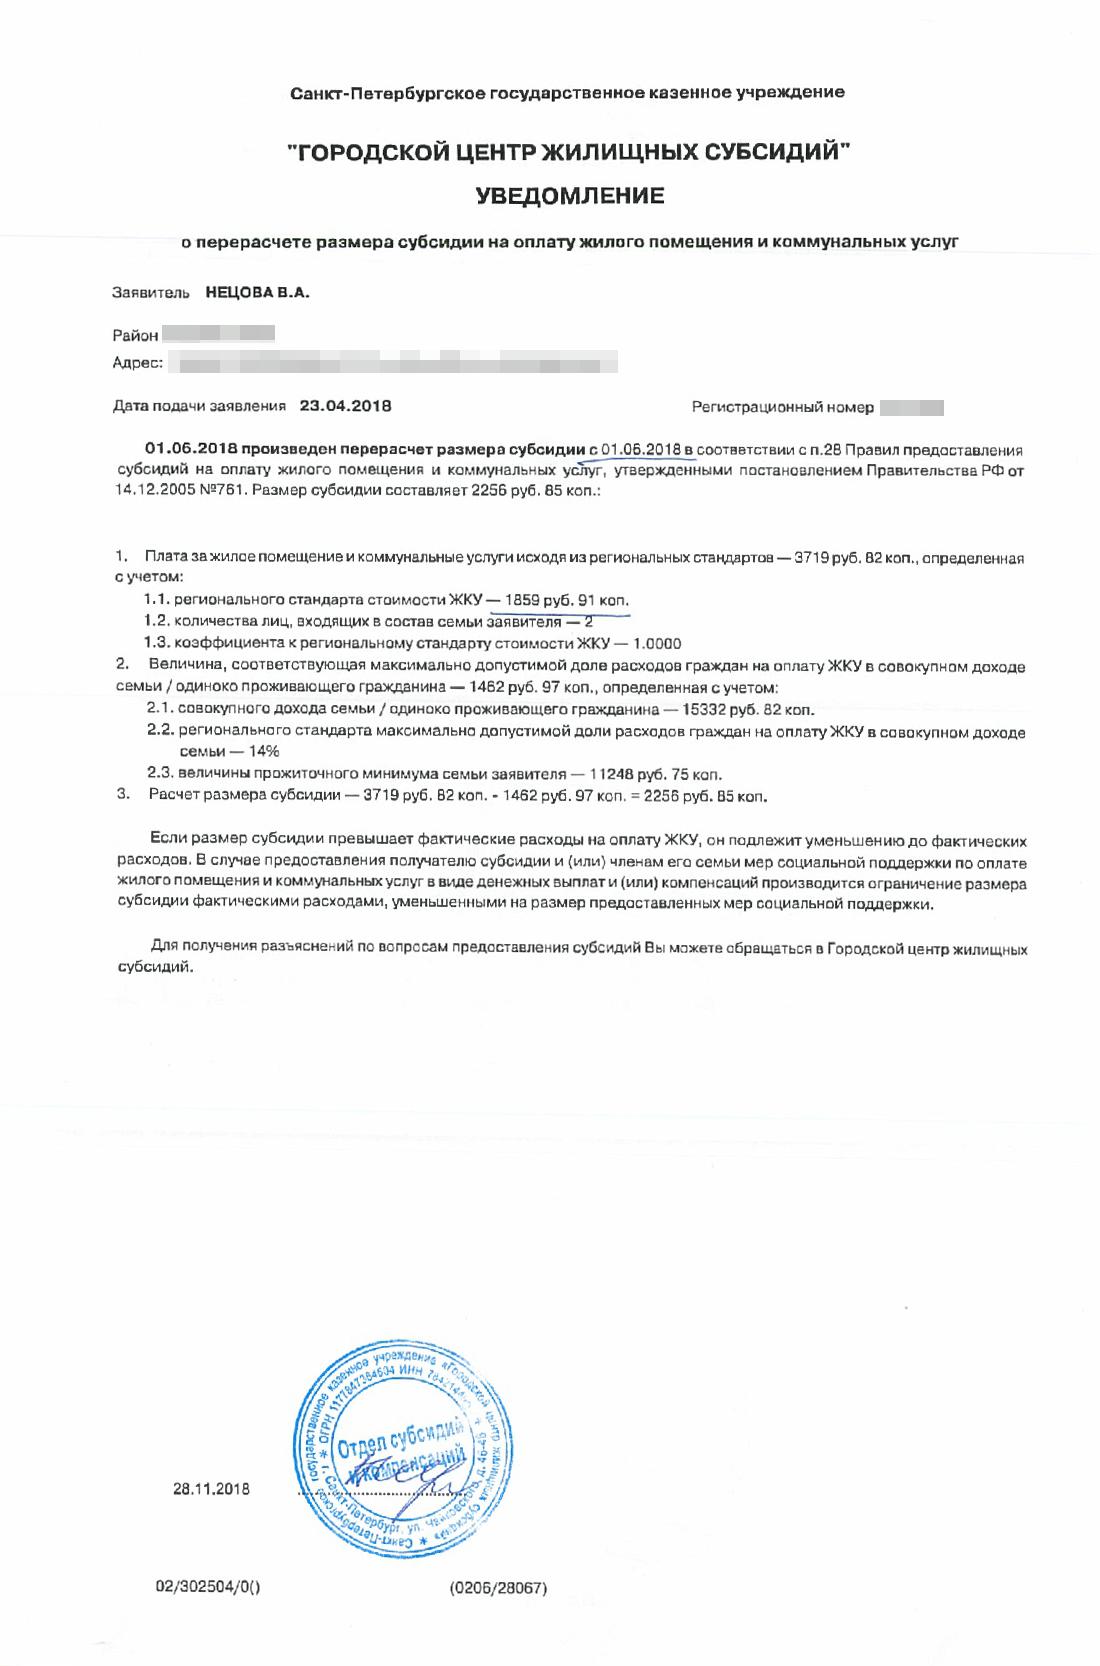 Расчет субсидии за июнь 2018. Здесь изменился норматив и сумма получилась меньше — 2256,85<span class=ruble>Р</span>